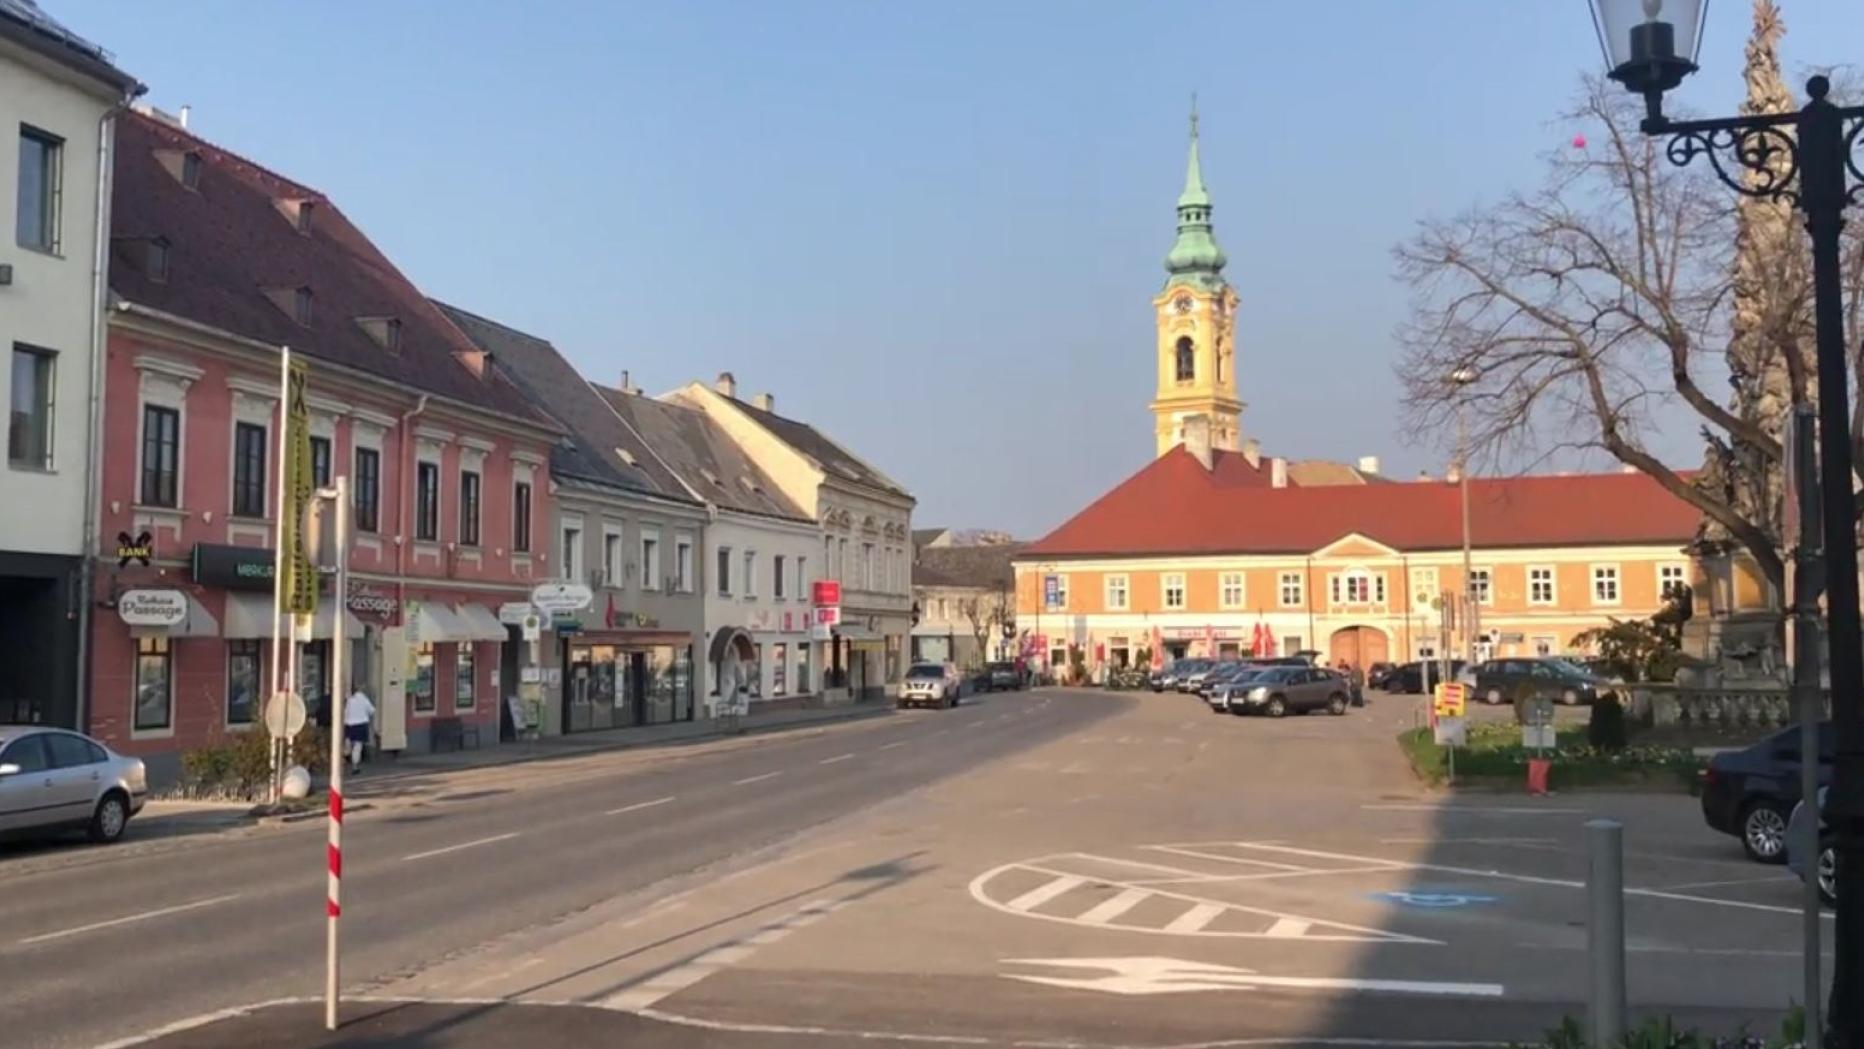 Meine stadt singlebrse krumpendorf am wrthersee, Stockerau